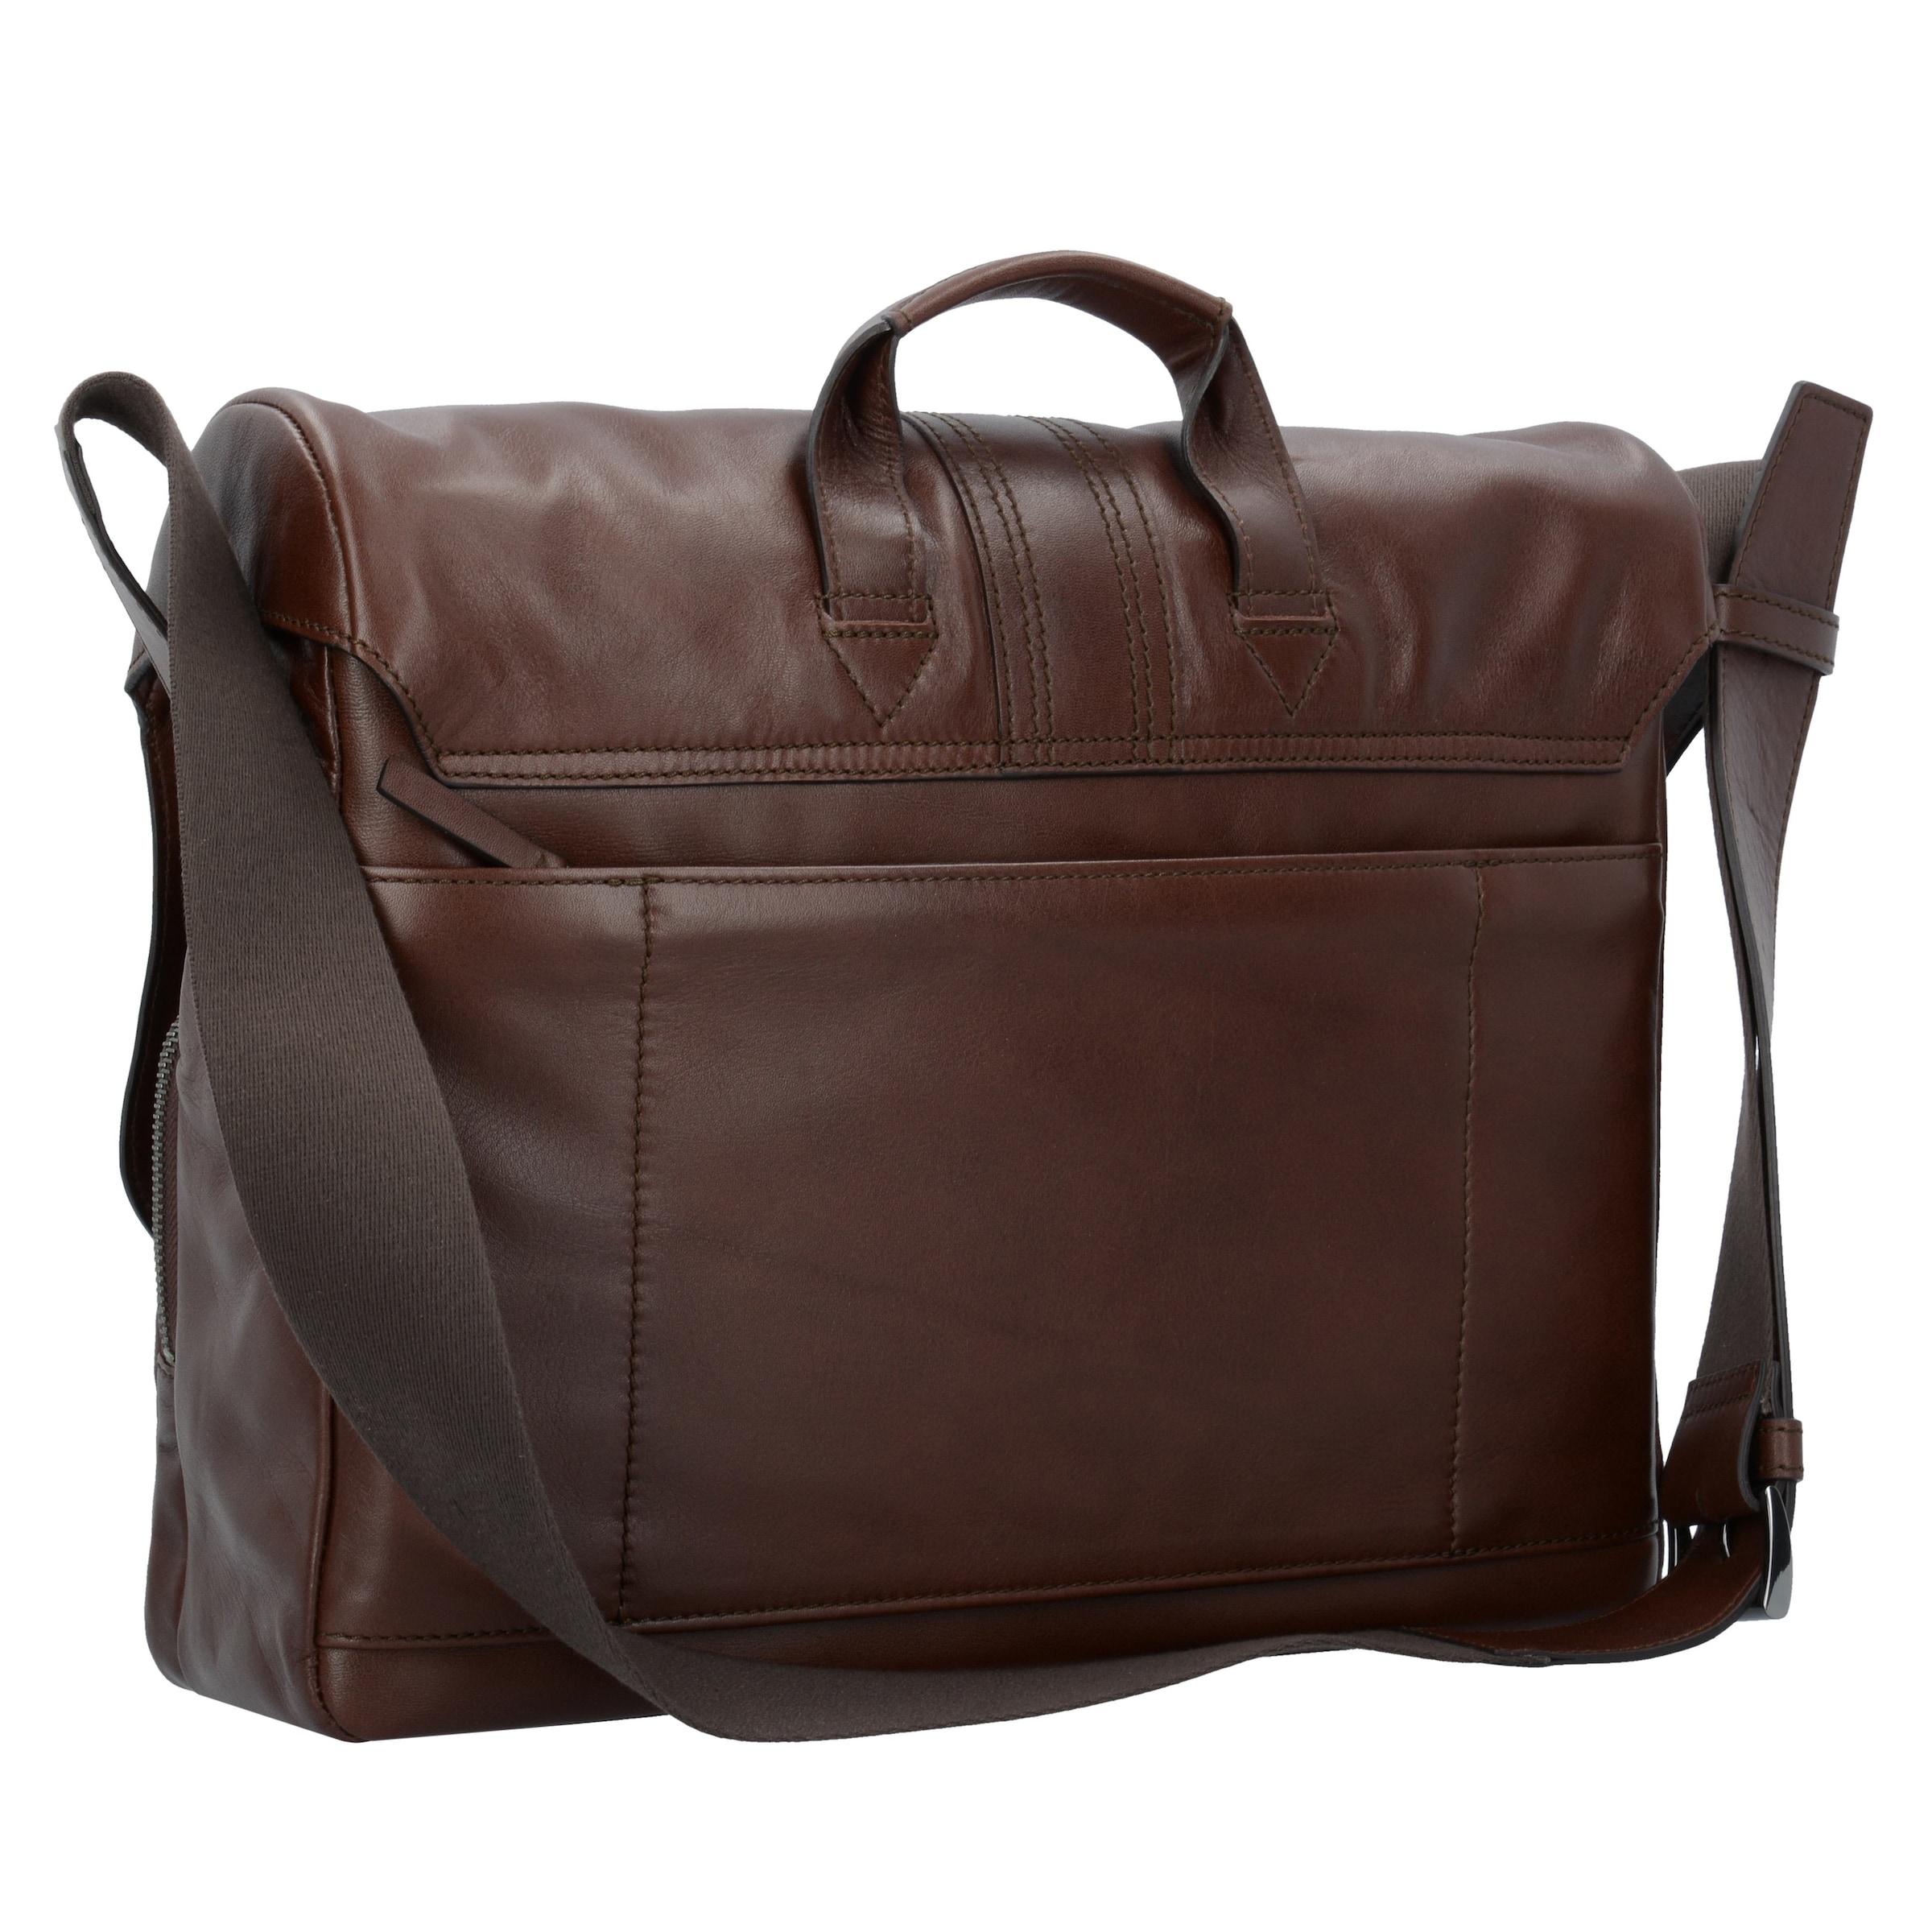 BREE Gordon 1 Messenger Businesstasche Leder 37 cm Laptopfach Freies Verschiffen Wiki Verkauf Niedrig Kosten Freies Verschiffen Erkunden 2018 Auslaß Billig Verkaufen Gefälschte TM5UJcBTke